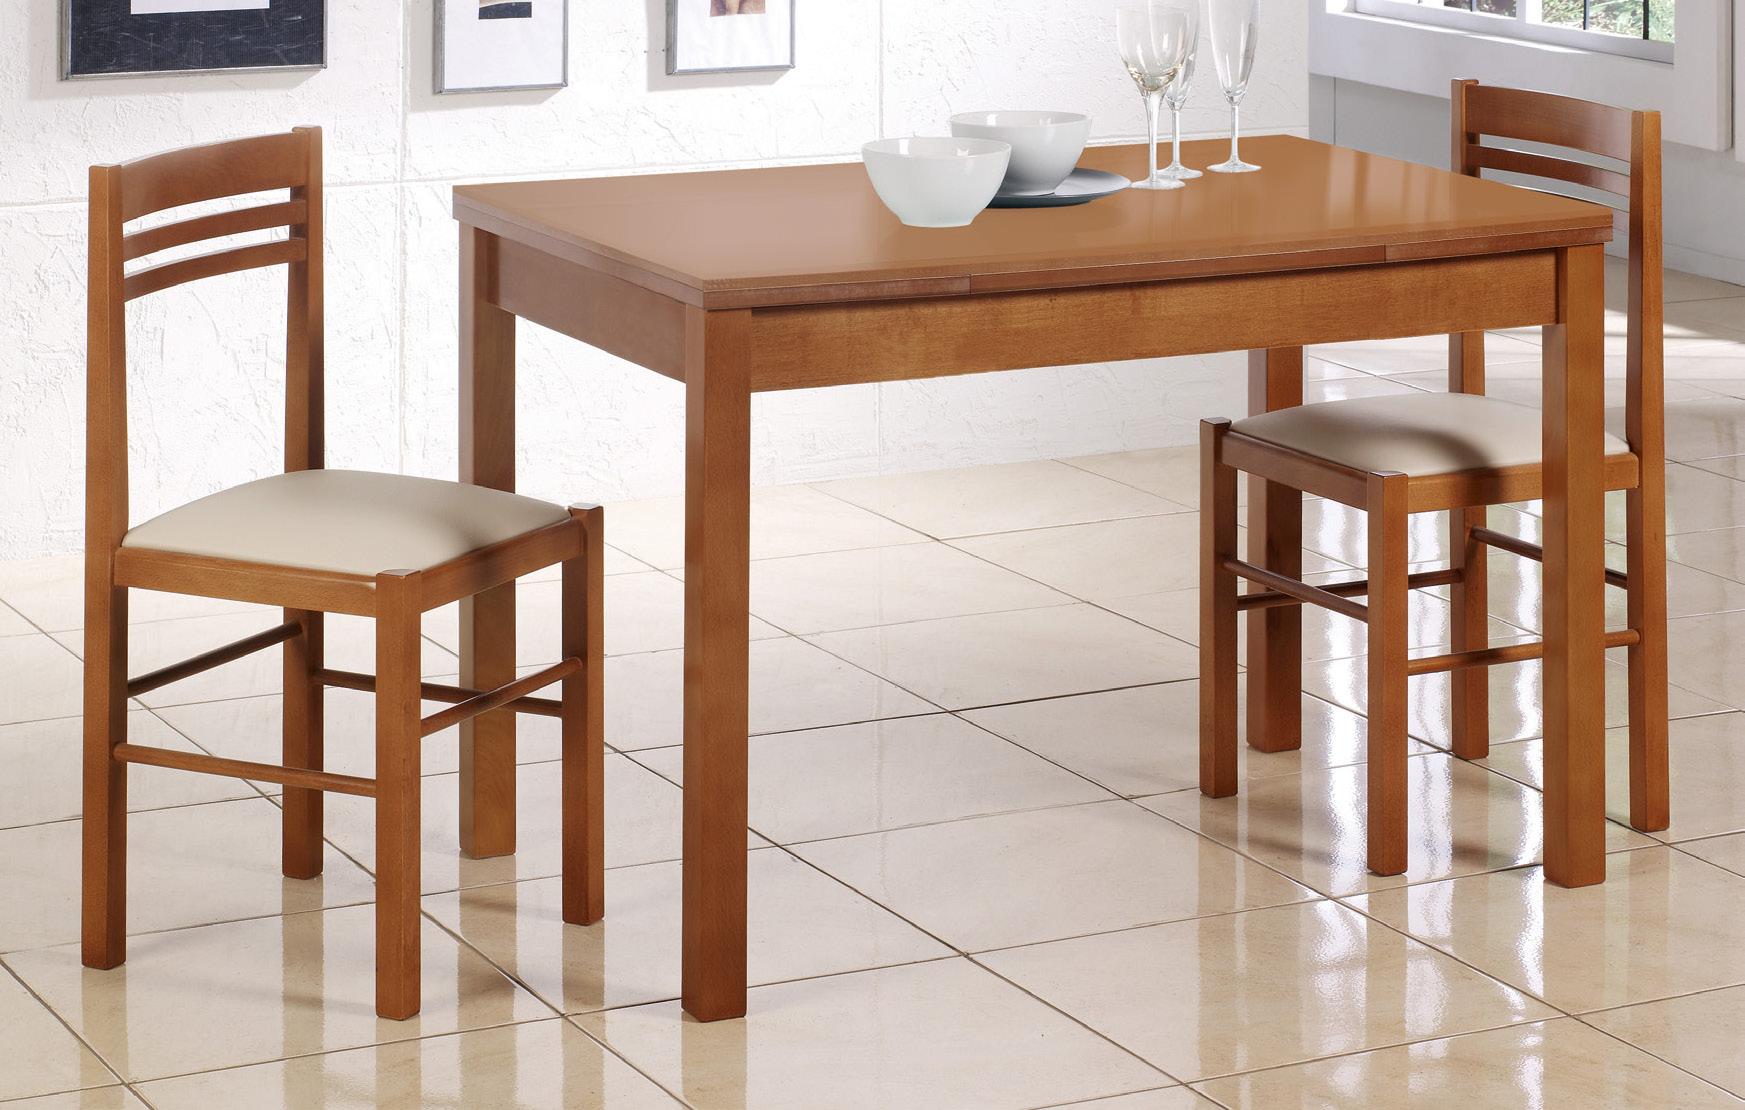 Mesas madera imeci f brica de mesas y sillas de cocina for Mesa madera cocina